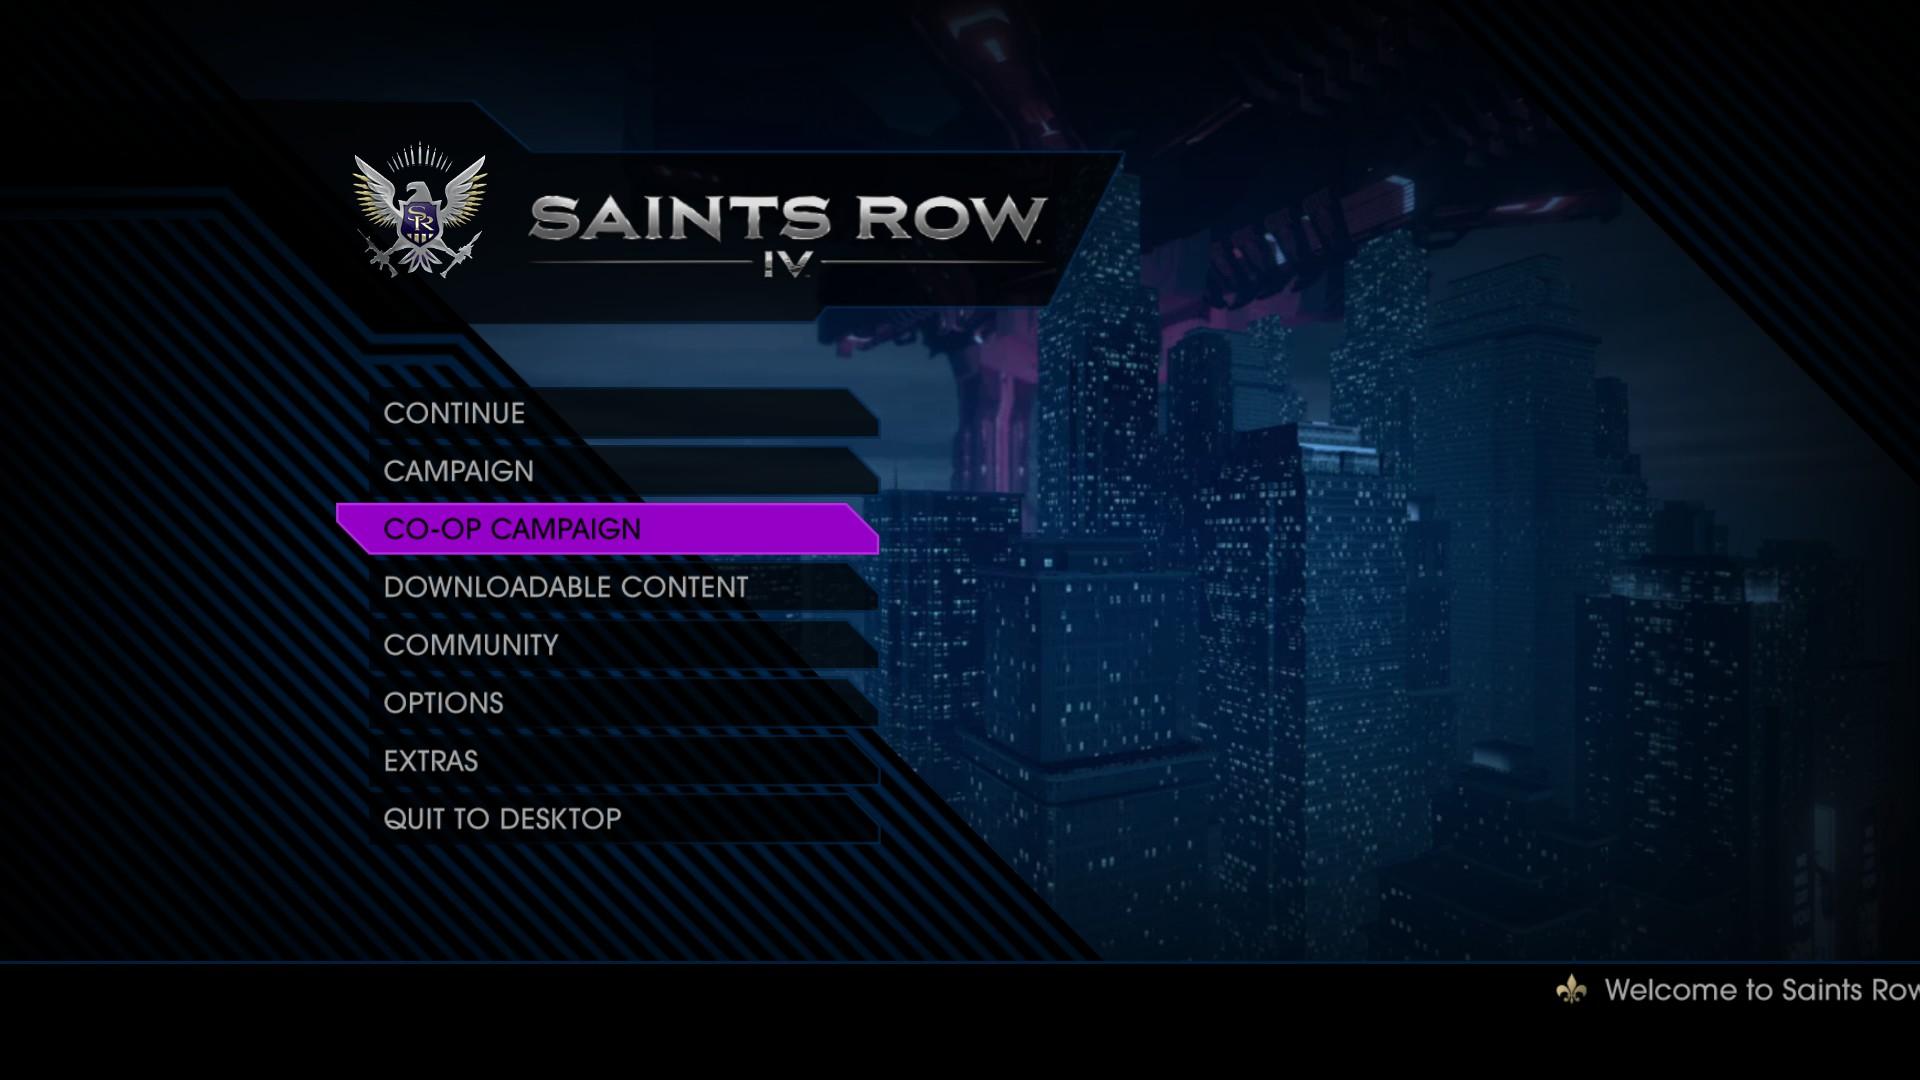 saints row 2 soundtrack download